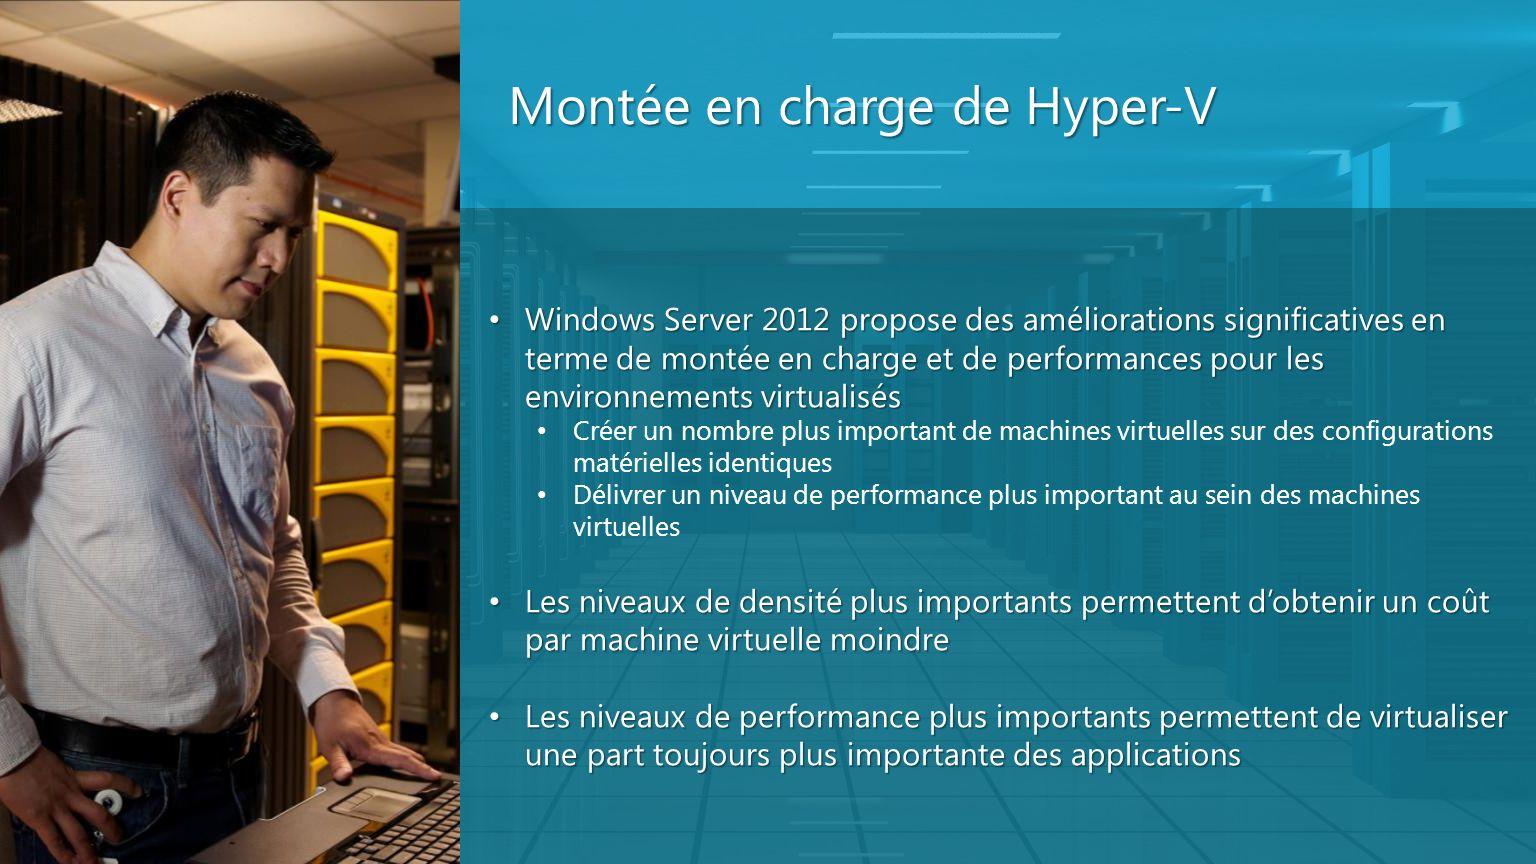 Montée en charge de Hyper-V SystèmeRessource Windows Server 2008 R2 Hyper-V Windows Server 2012 Hyper-V Facteur damélioration Host Logical Processors643205× Physical Memory1TB4TB4× Virtual CPUs per Host51220484× VM Virtual CPUs per VM46416× Memory per VM64GB1TB16× Active VMs per Host38410242.7× Guest NUMANonOui- Cluster Maximum Nodes16644× Maximum VMs100080008×